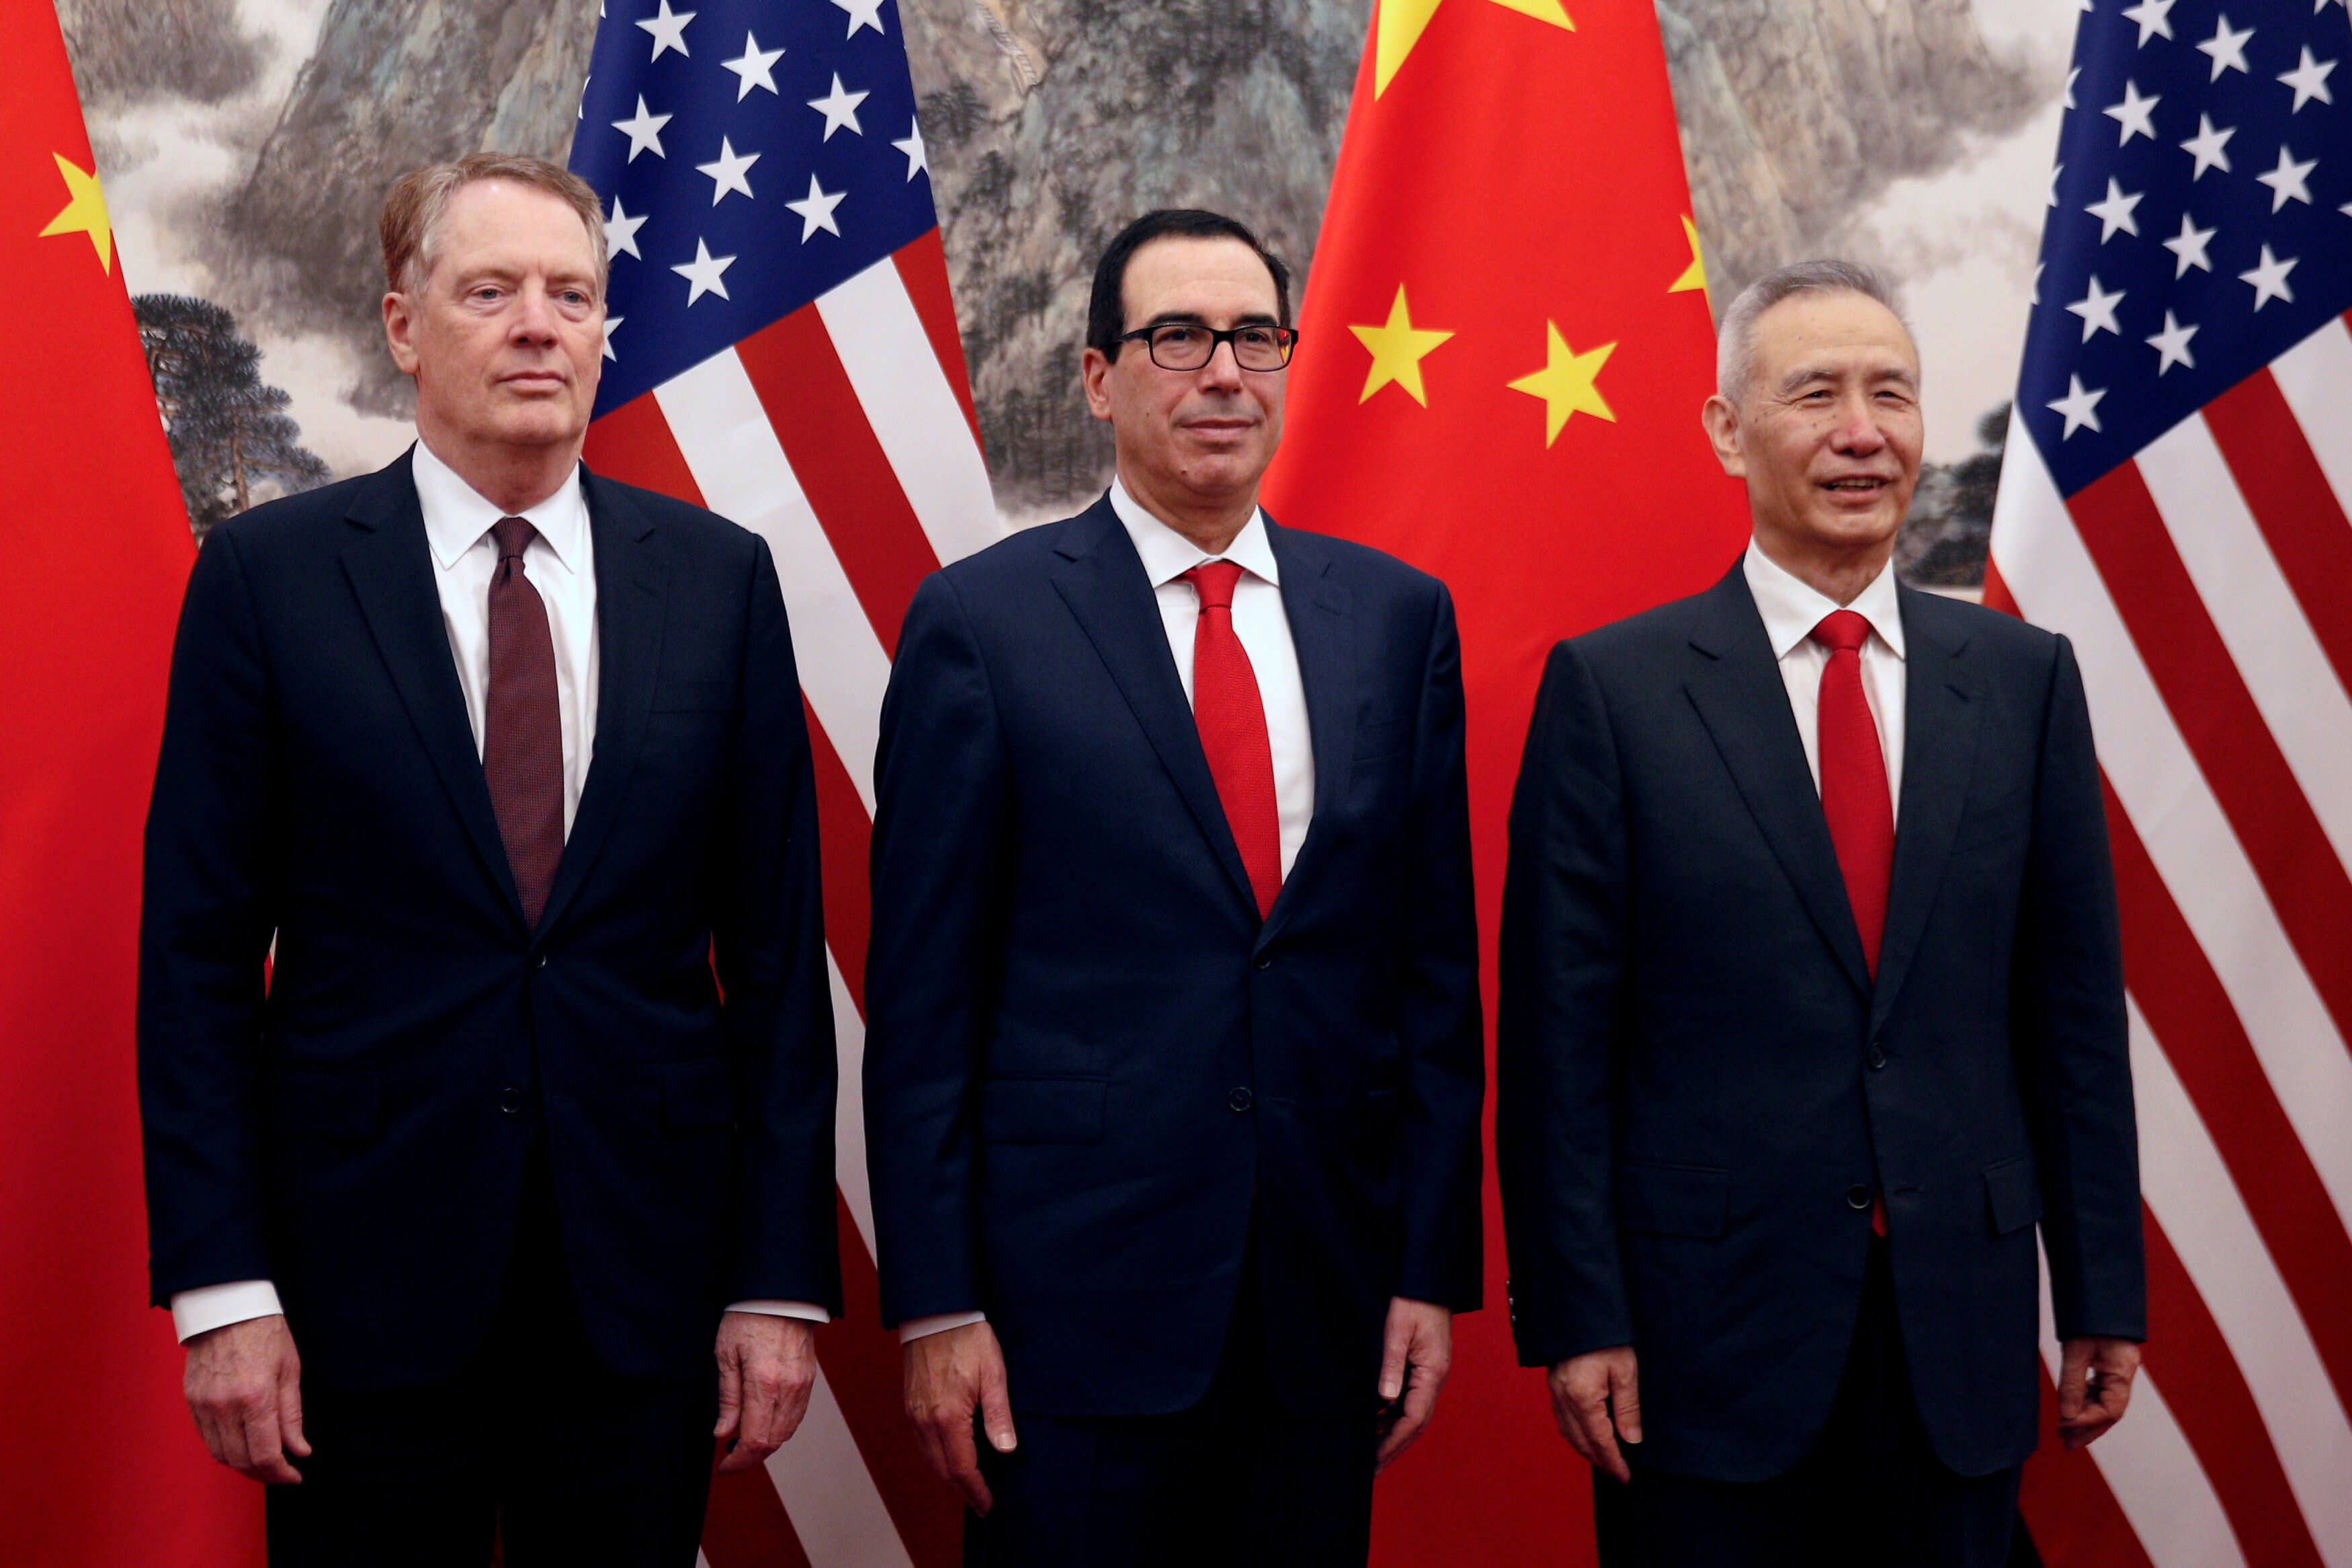 Καμιά συμφωνία την πρώτη ημέρα των διαπραγματεύσεων ΗΠΑ-Κίνας! Νέο ρήγμα από την αύξηση δασμών που ανακοίνωσε ο Τραμπ